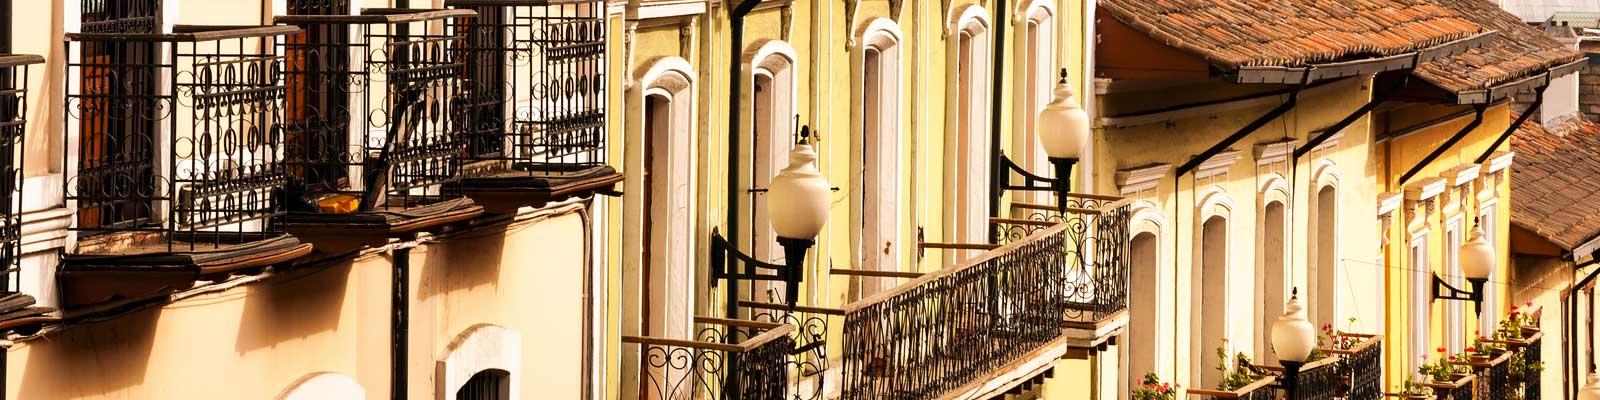 Ecuador Privatimmobilien - Eigentumswohnung, Grundstück, Hotel